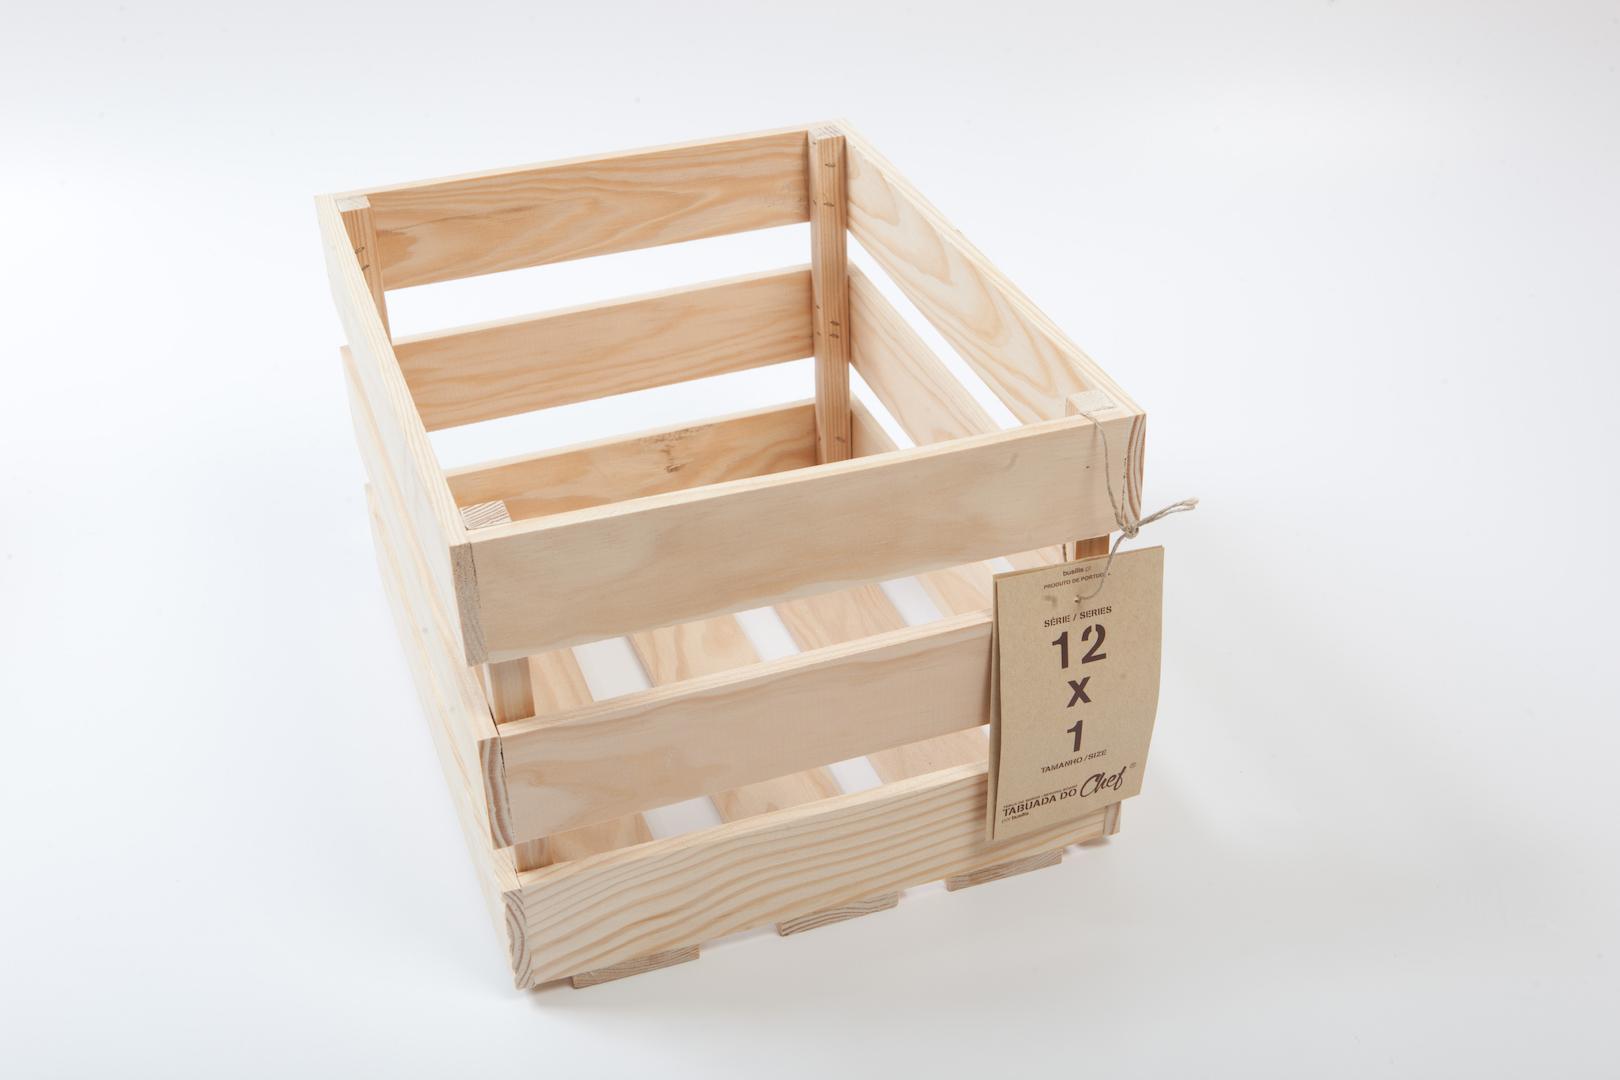 Caixa de Fruta mini, 12x1